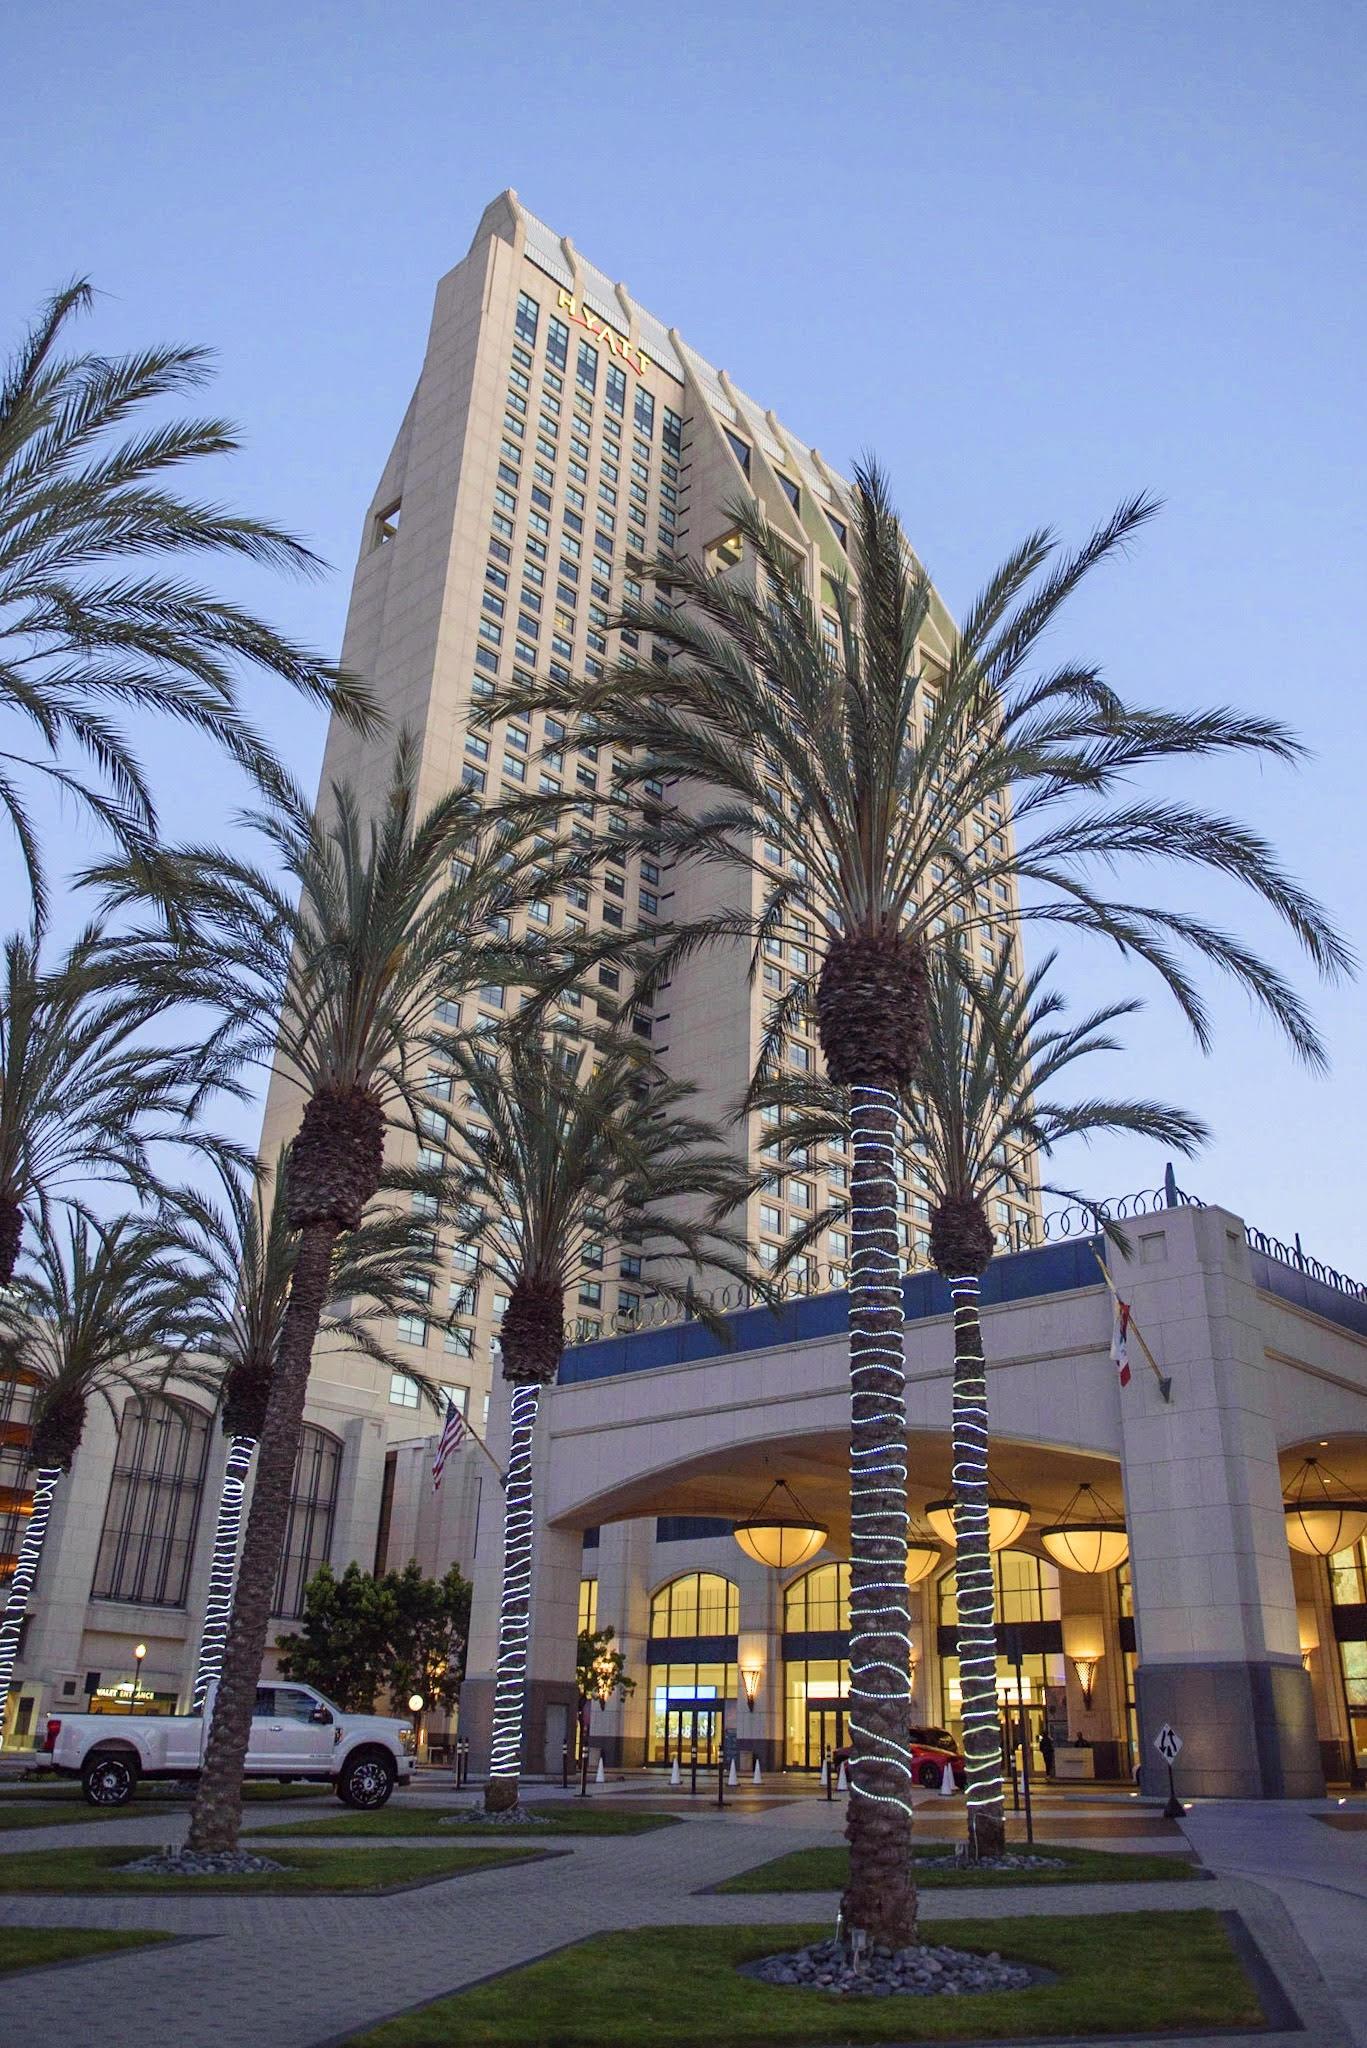 Hyatt San Diego tower